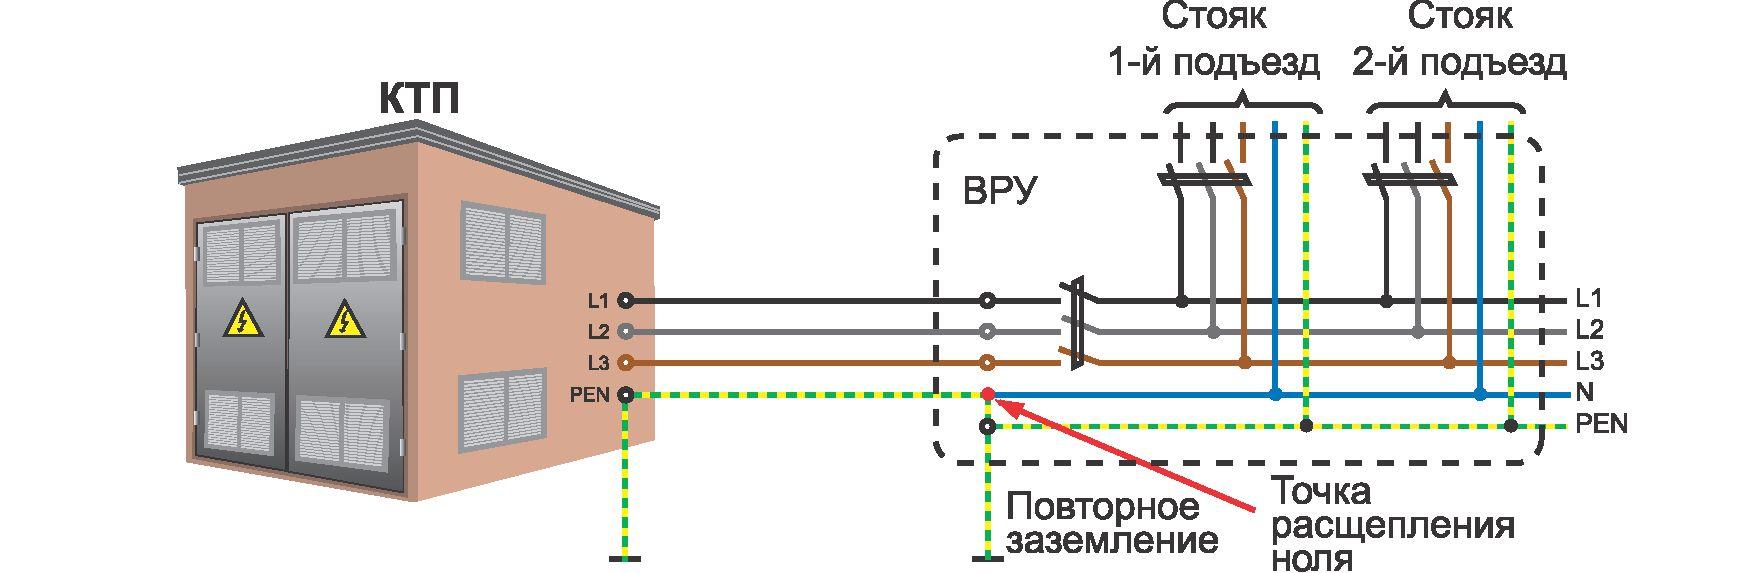 Что такое фаза ноль - всё о электрике